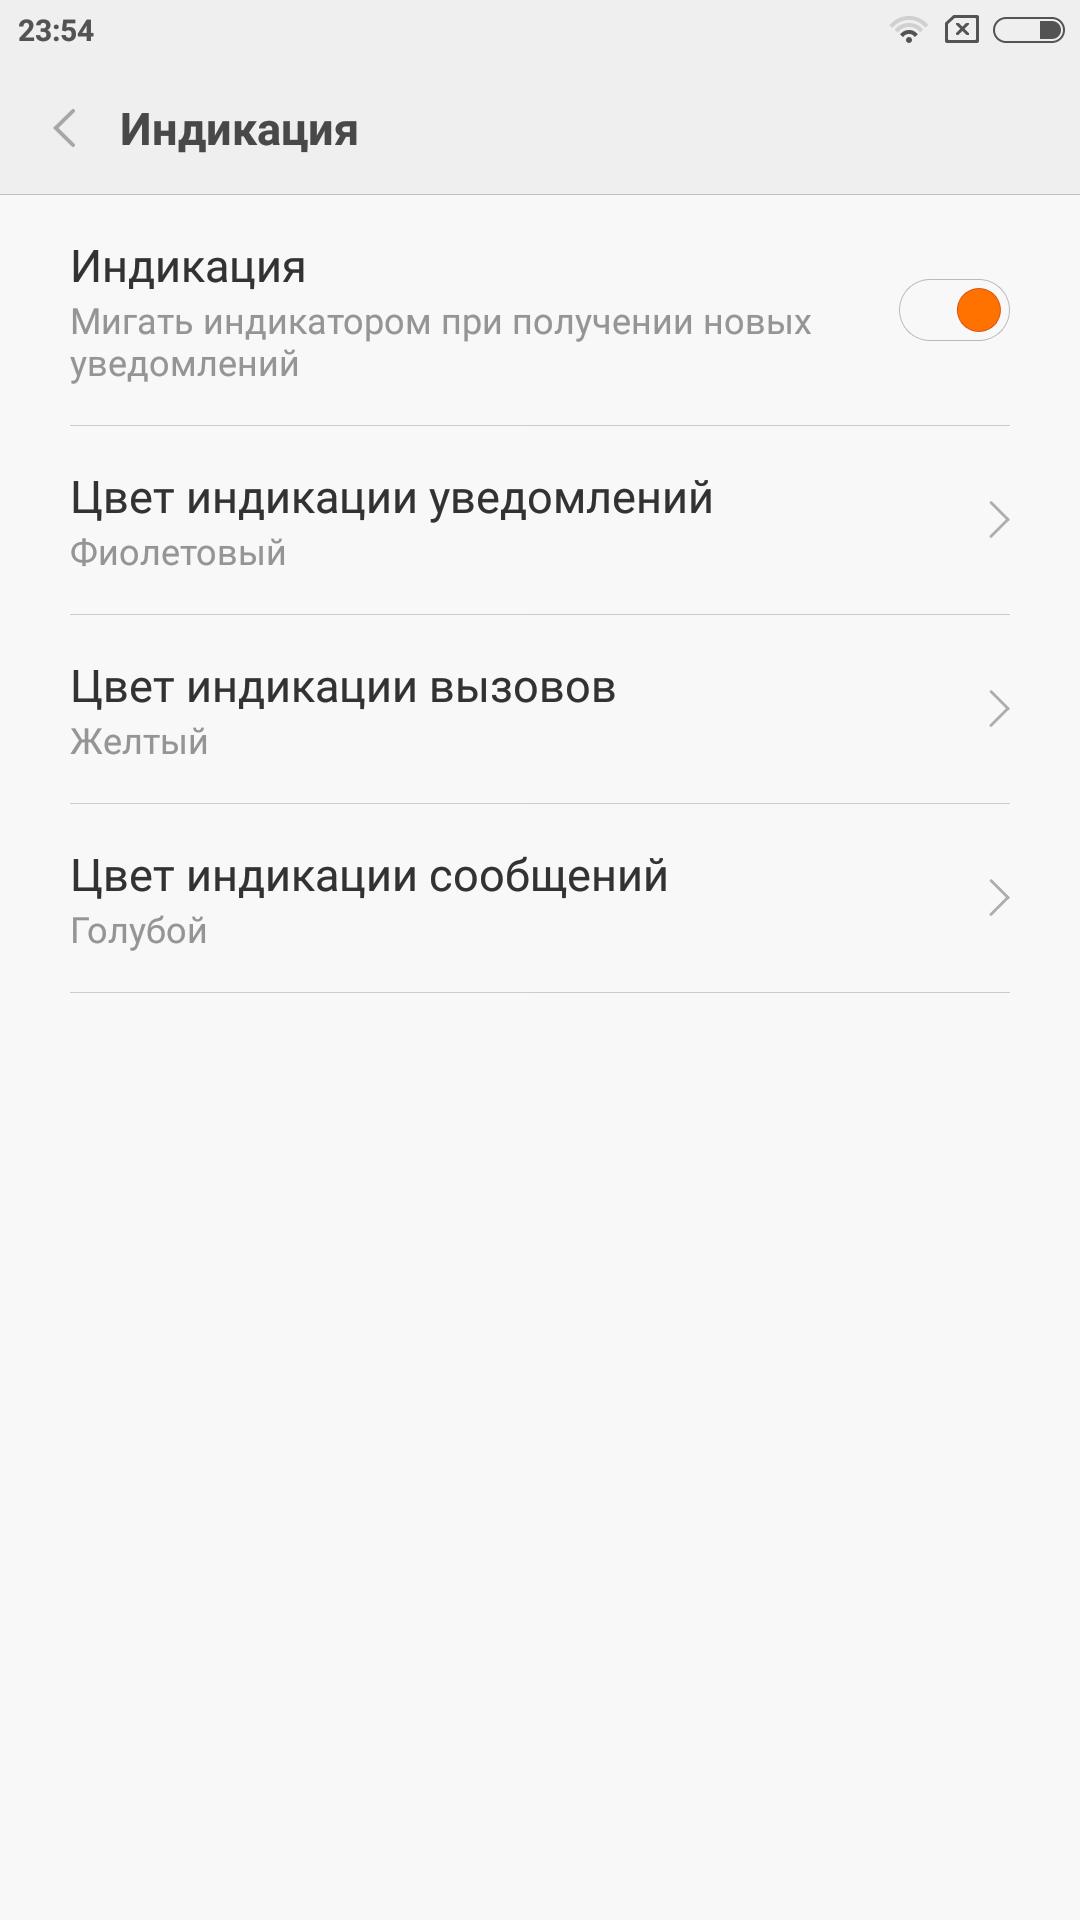 Обзор лучшего бюджетника 2015 года — Xiaomi Redmi Note 2 - 41